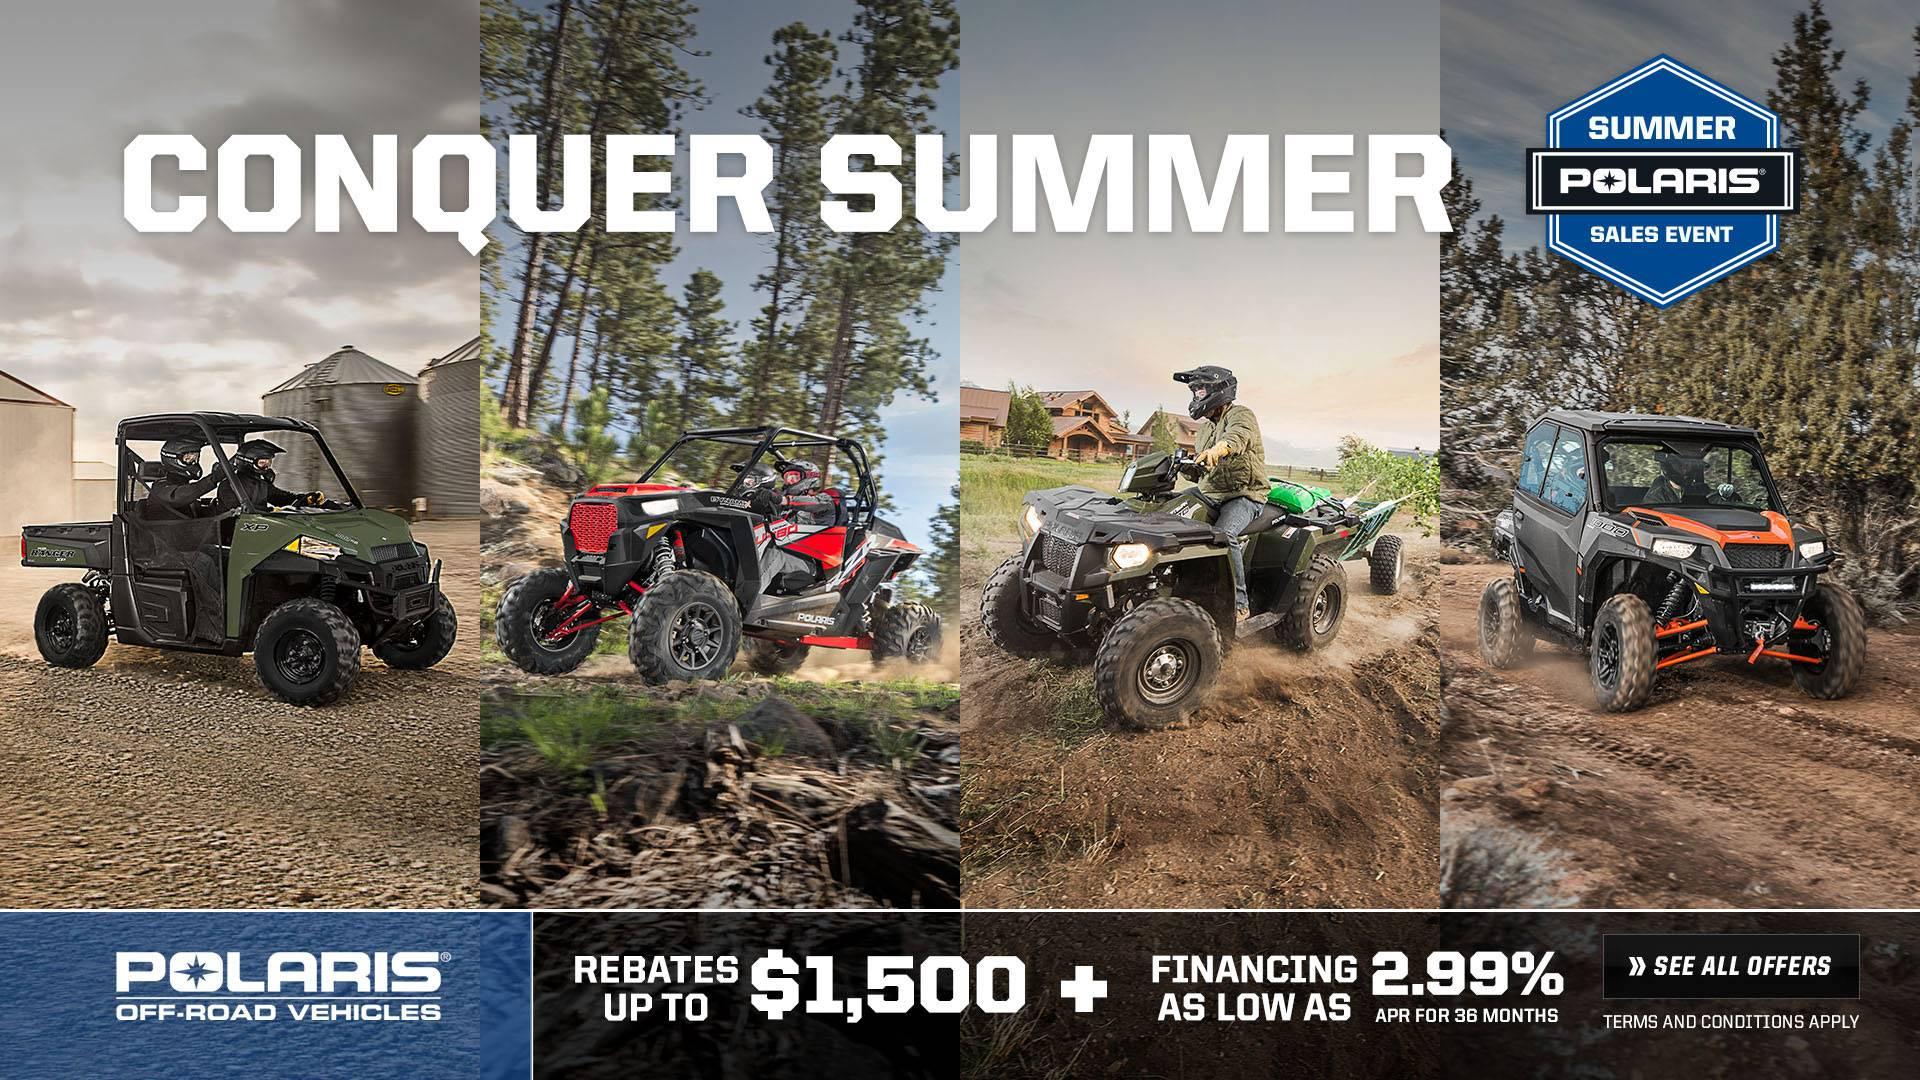 Polaris Summer Sales Event